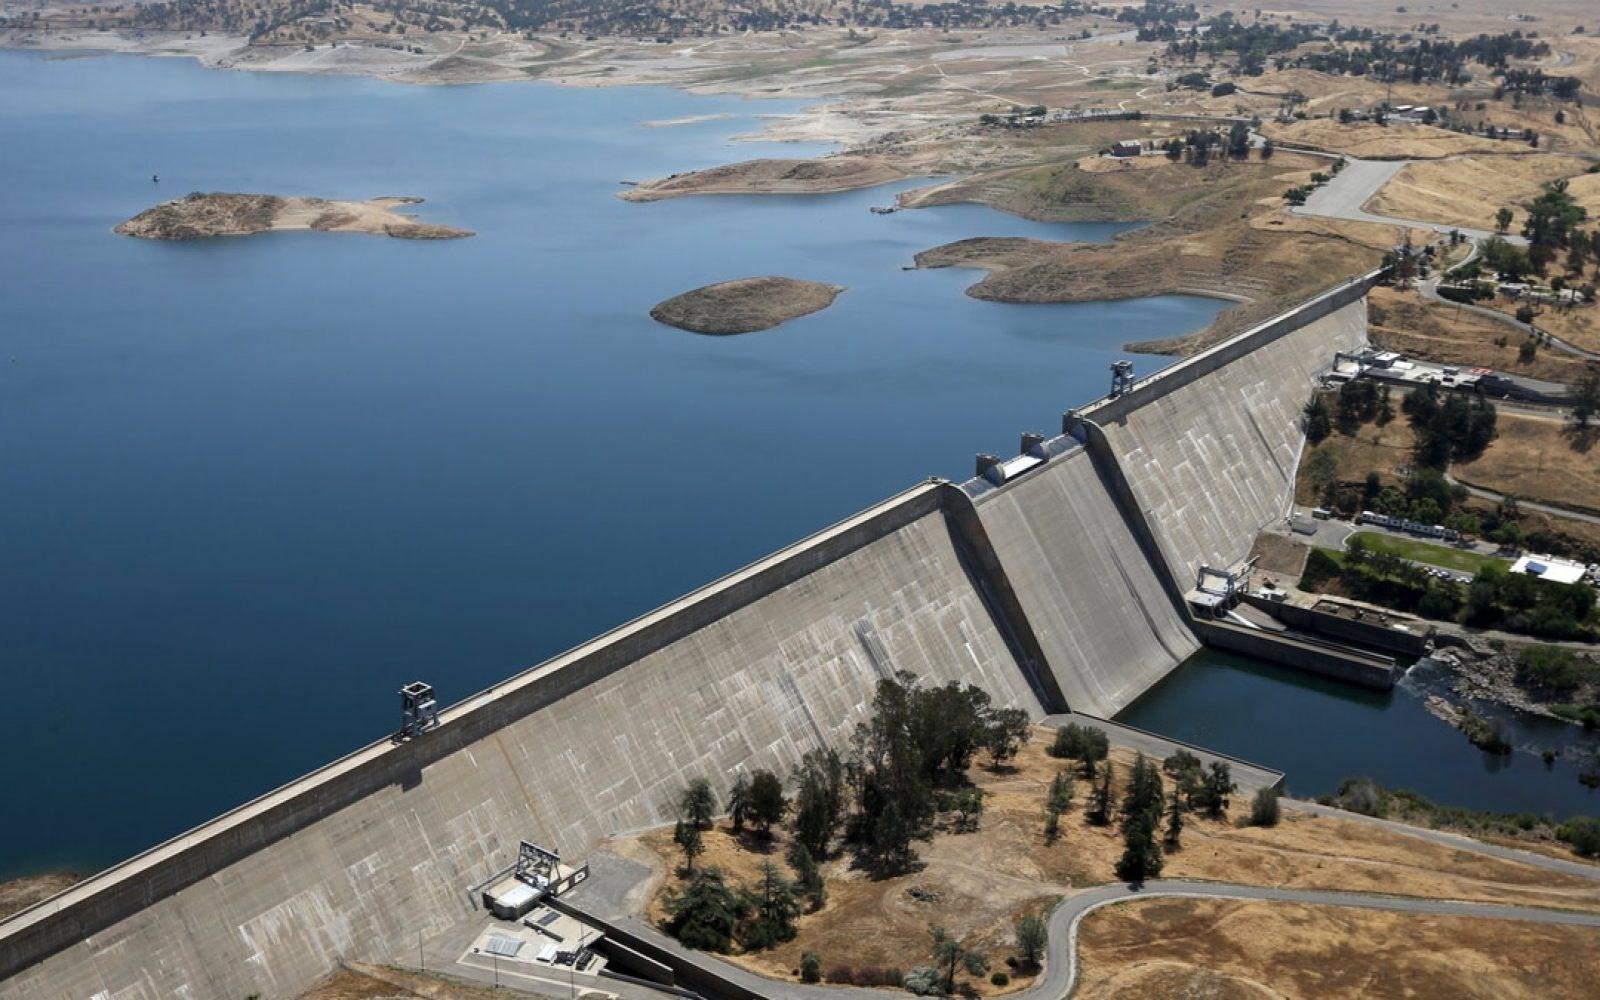 مصر: جرى الاتفاق في اجتماع وزراء المياه في مصر والسودان وإثيوبيا على أن ترفع كل وزارة تقريراً إلى جنوب أفريقيا